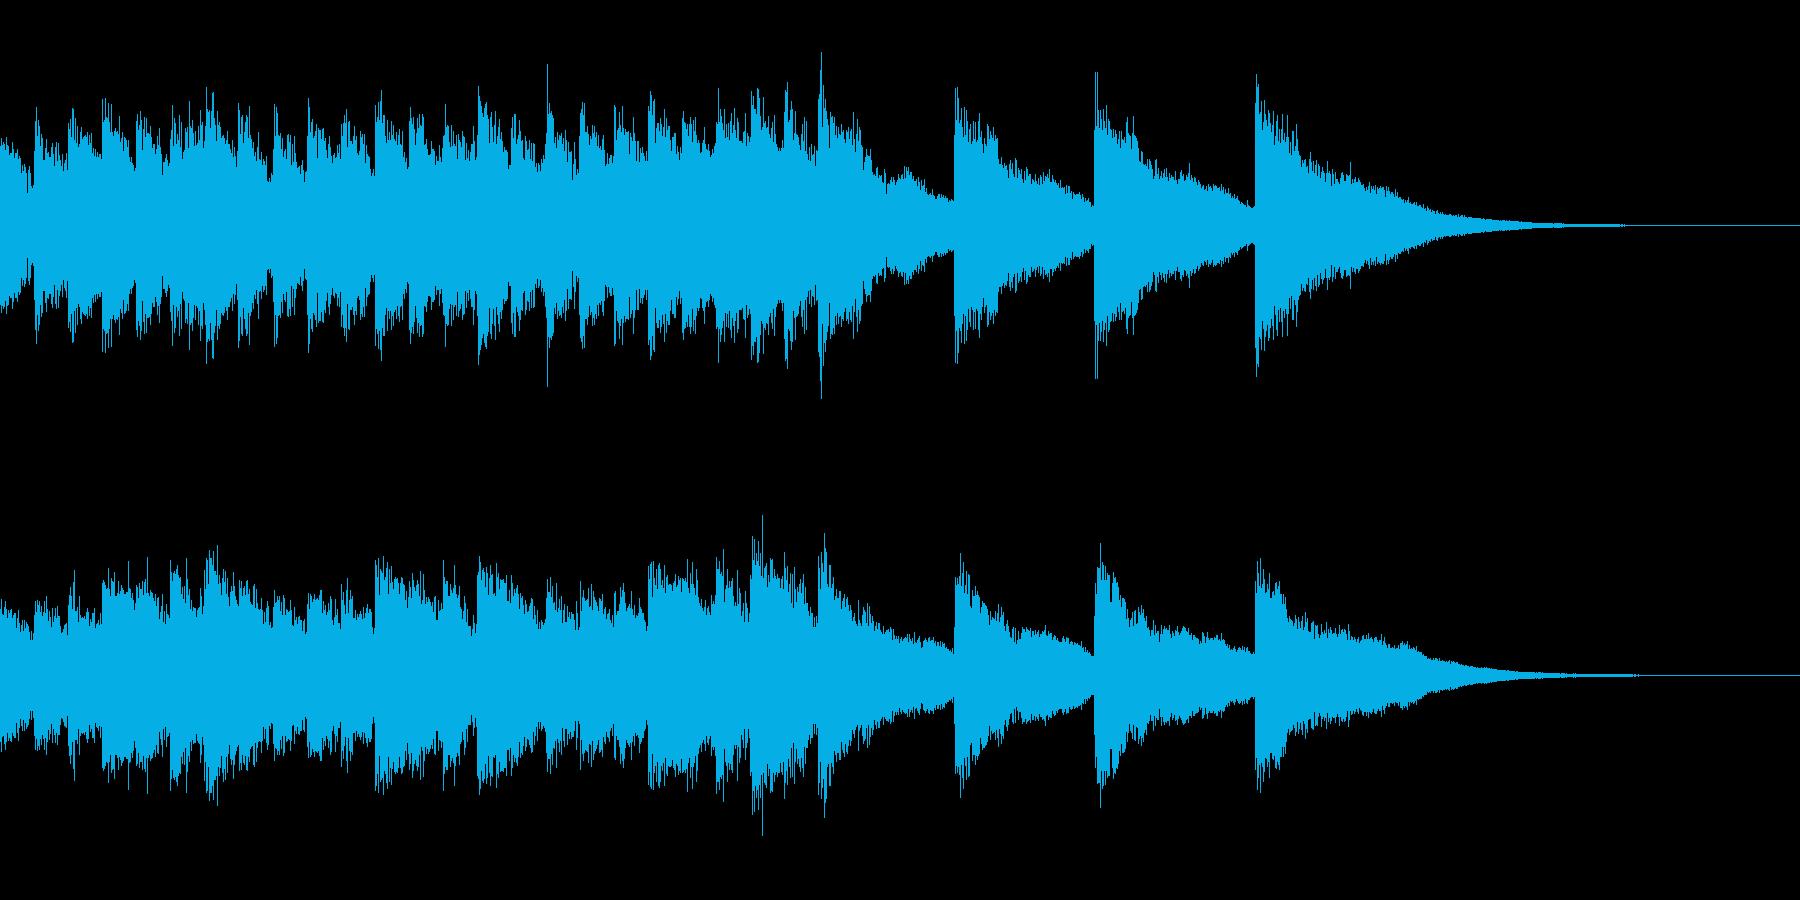 開幕ベル=チューブラベルでやや速くの再生済みの波形